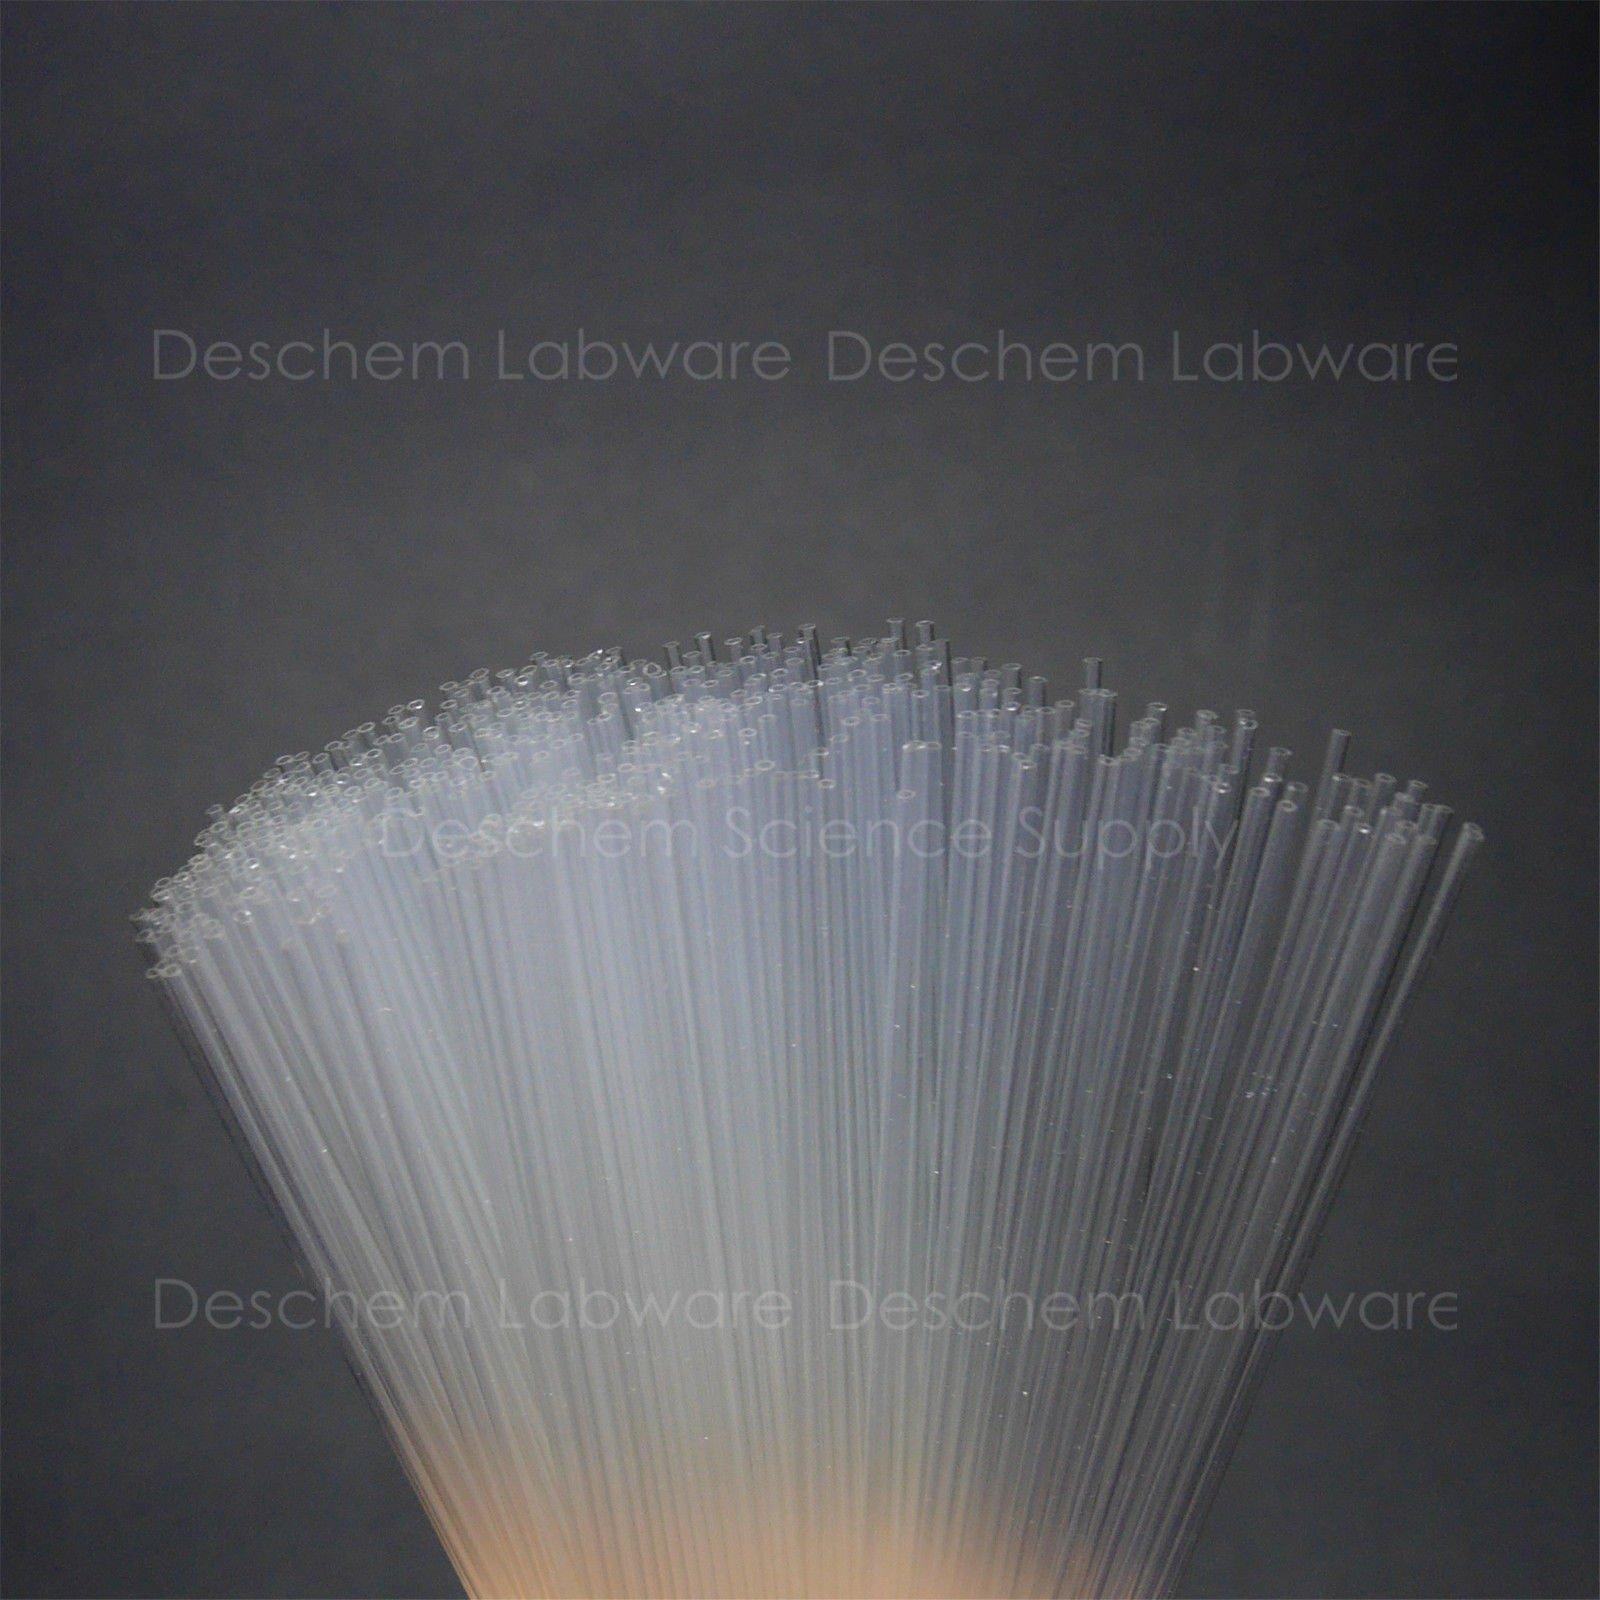 Deschem 100mm,Glass Melting Point Capillary Tube,4'',0.5mm,Both Open Ends,1000 Piece/Pack